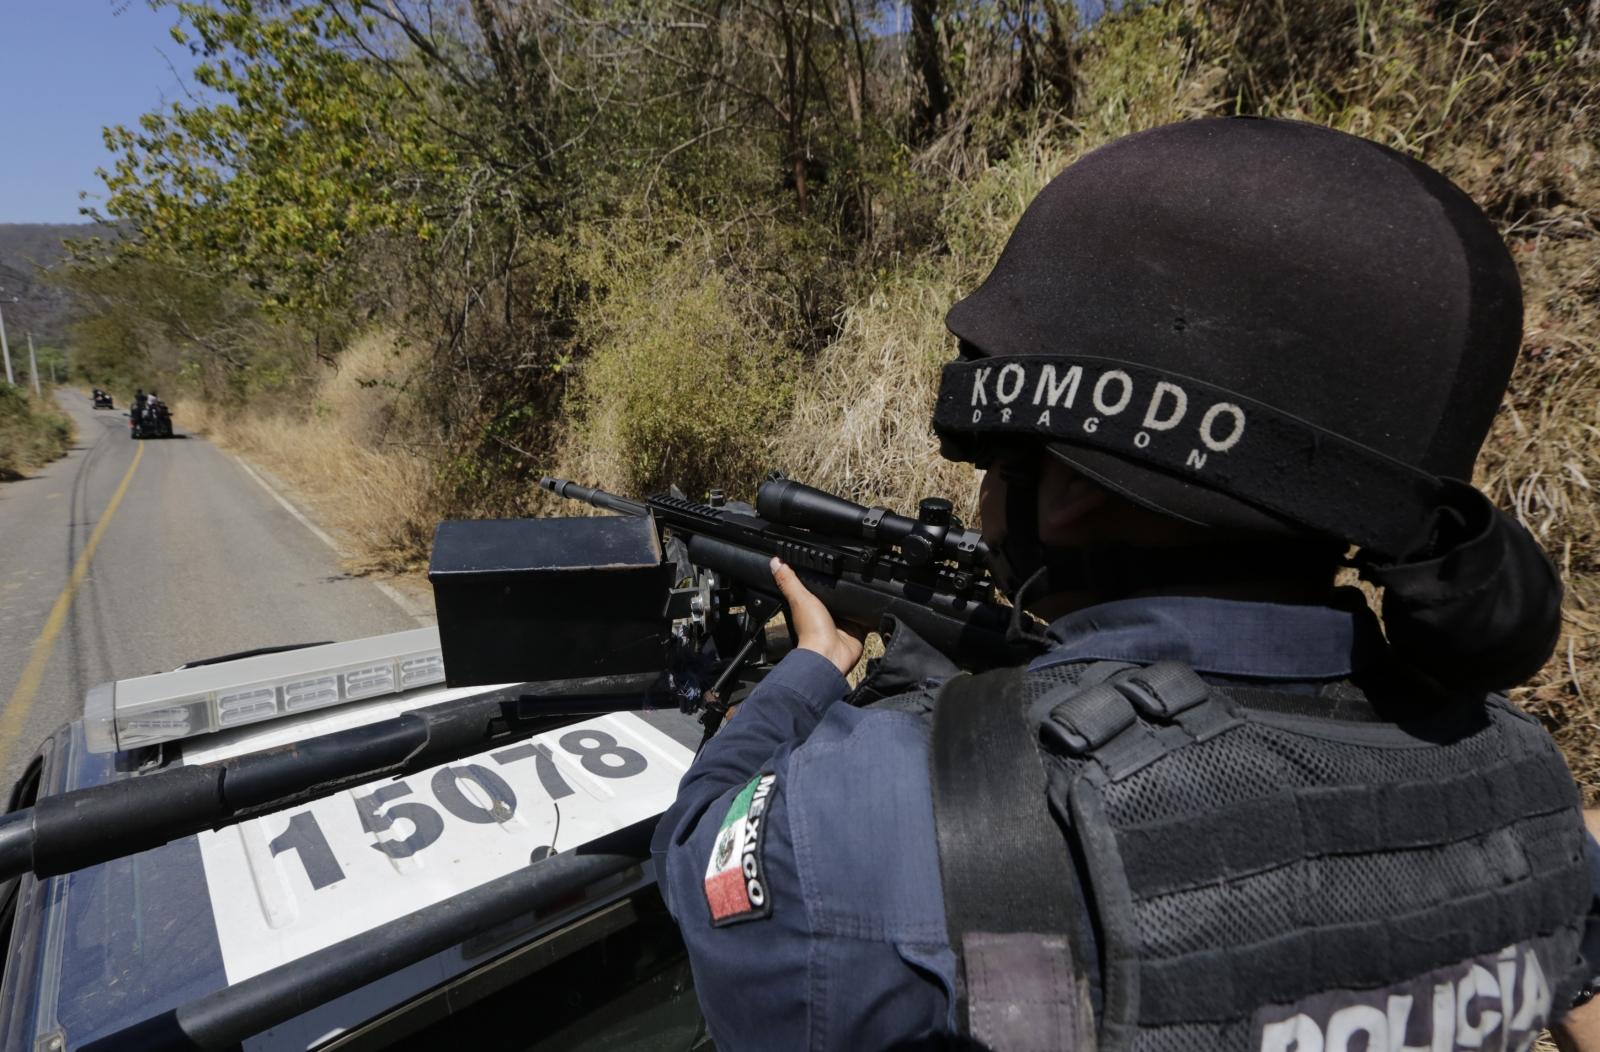 Los Zetas drug Mexico